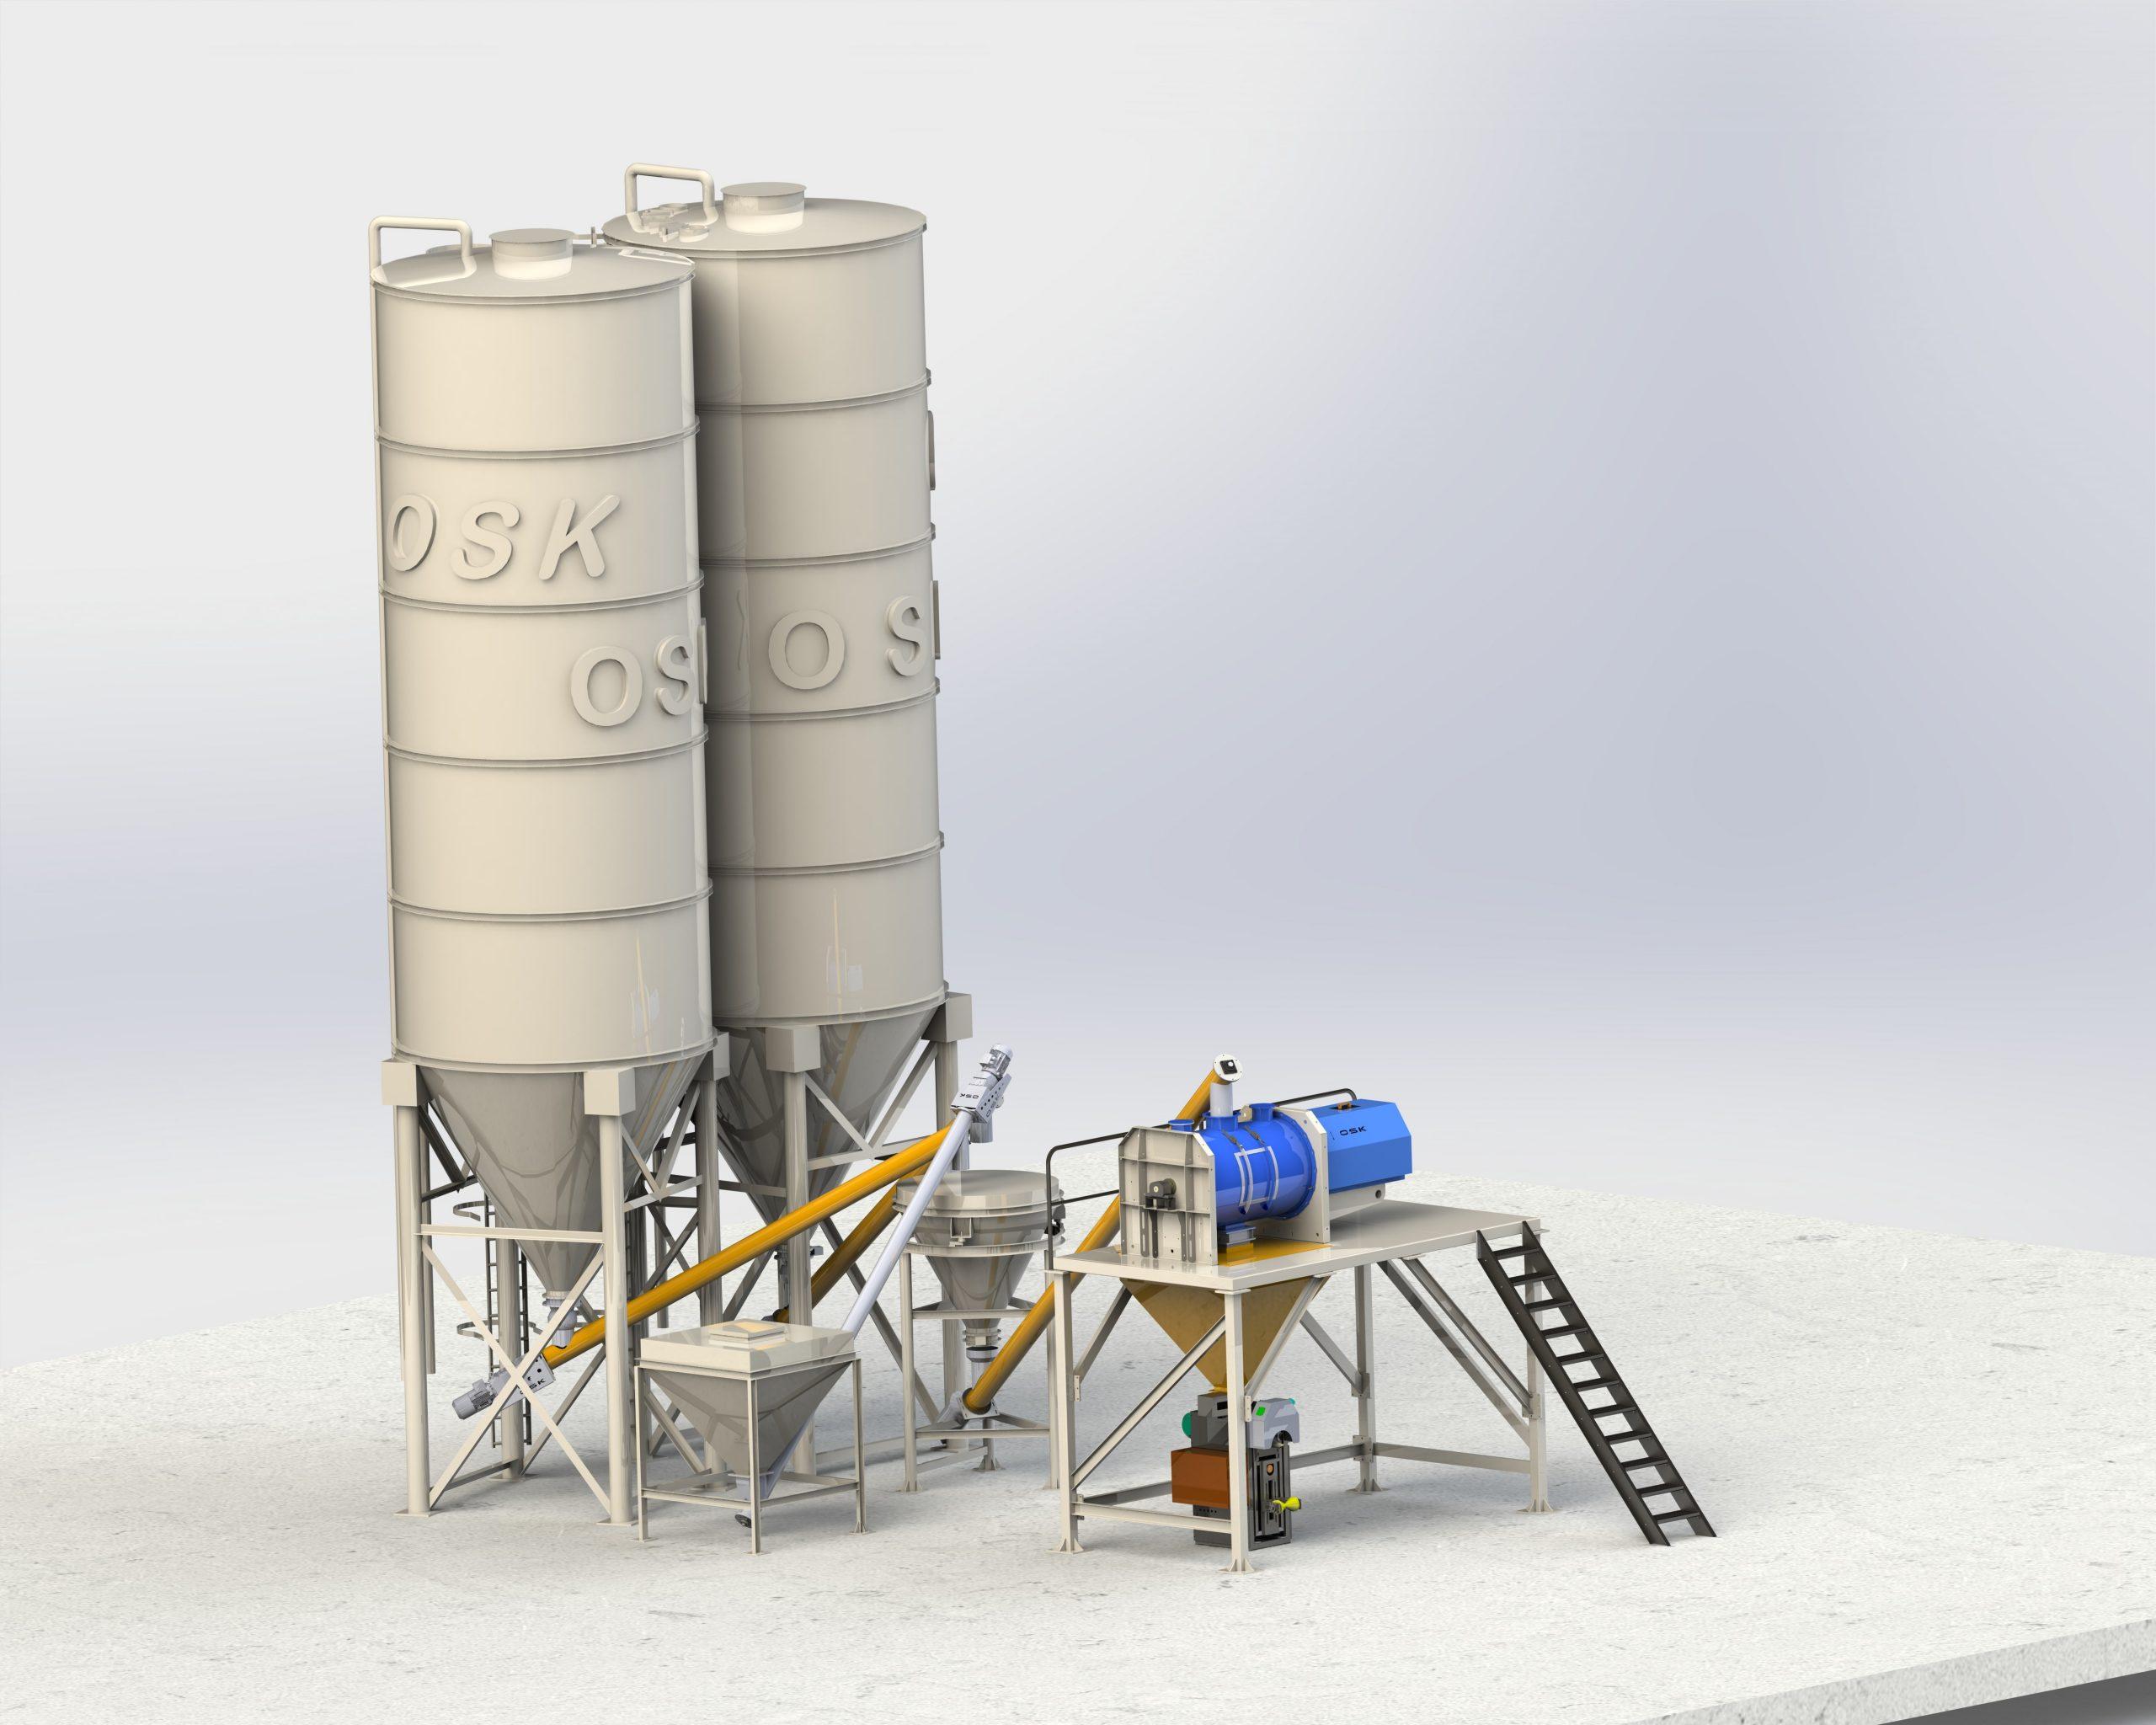 Yapı kimyasalları tesisi 4-6 ton/s